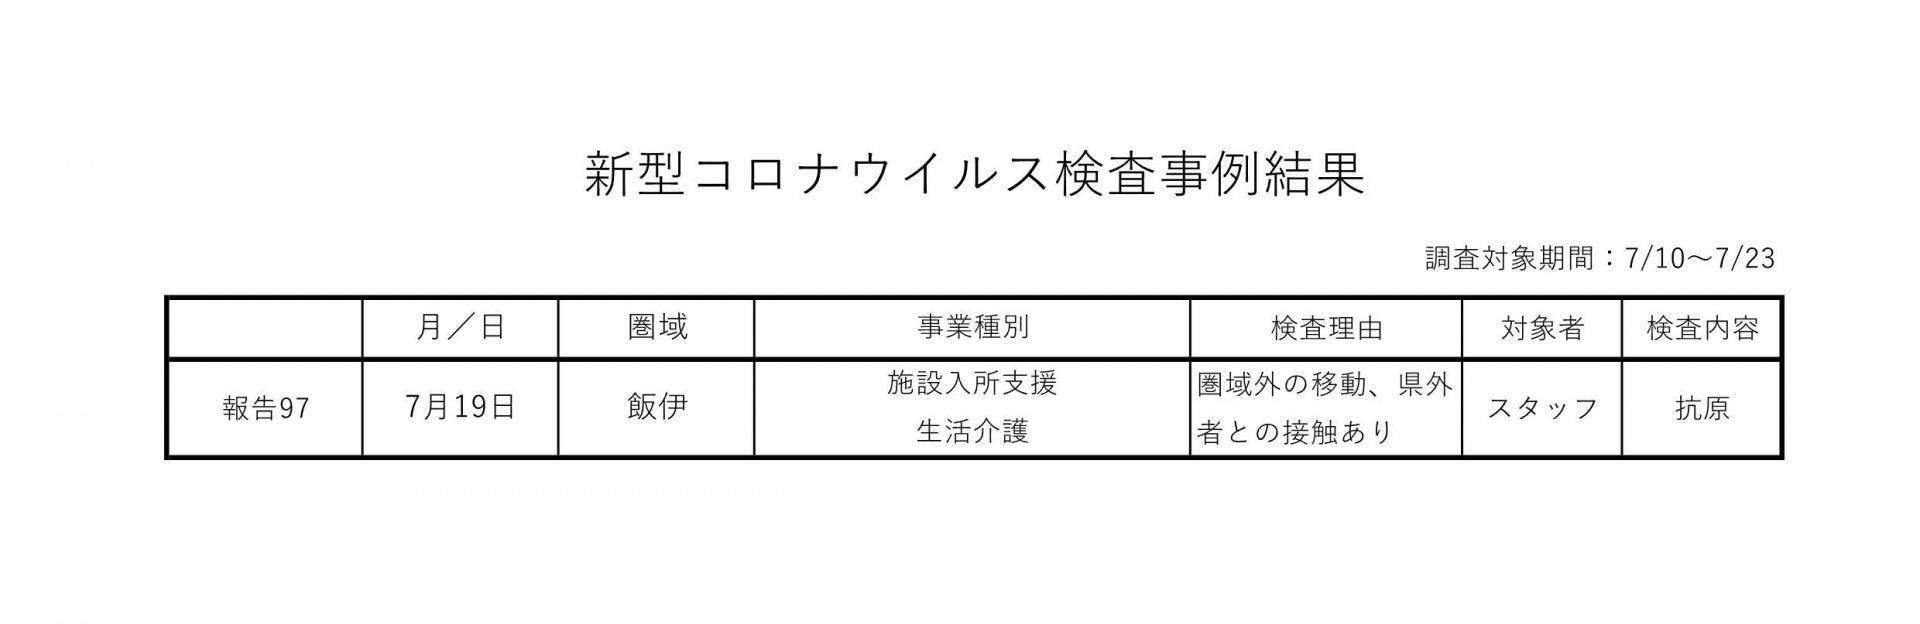 新型コロナウイルス検査事例結果7-10~7-23